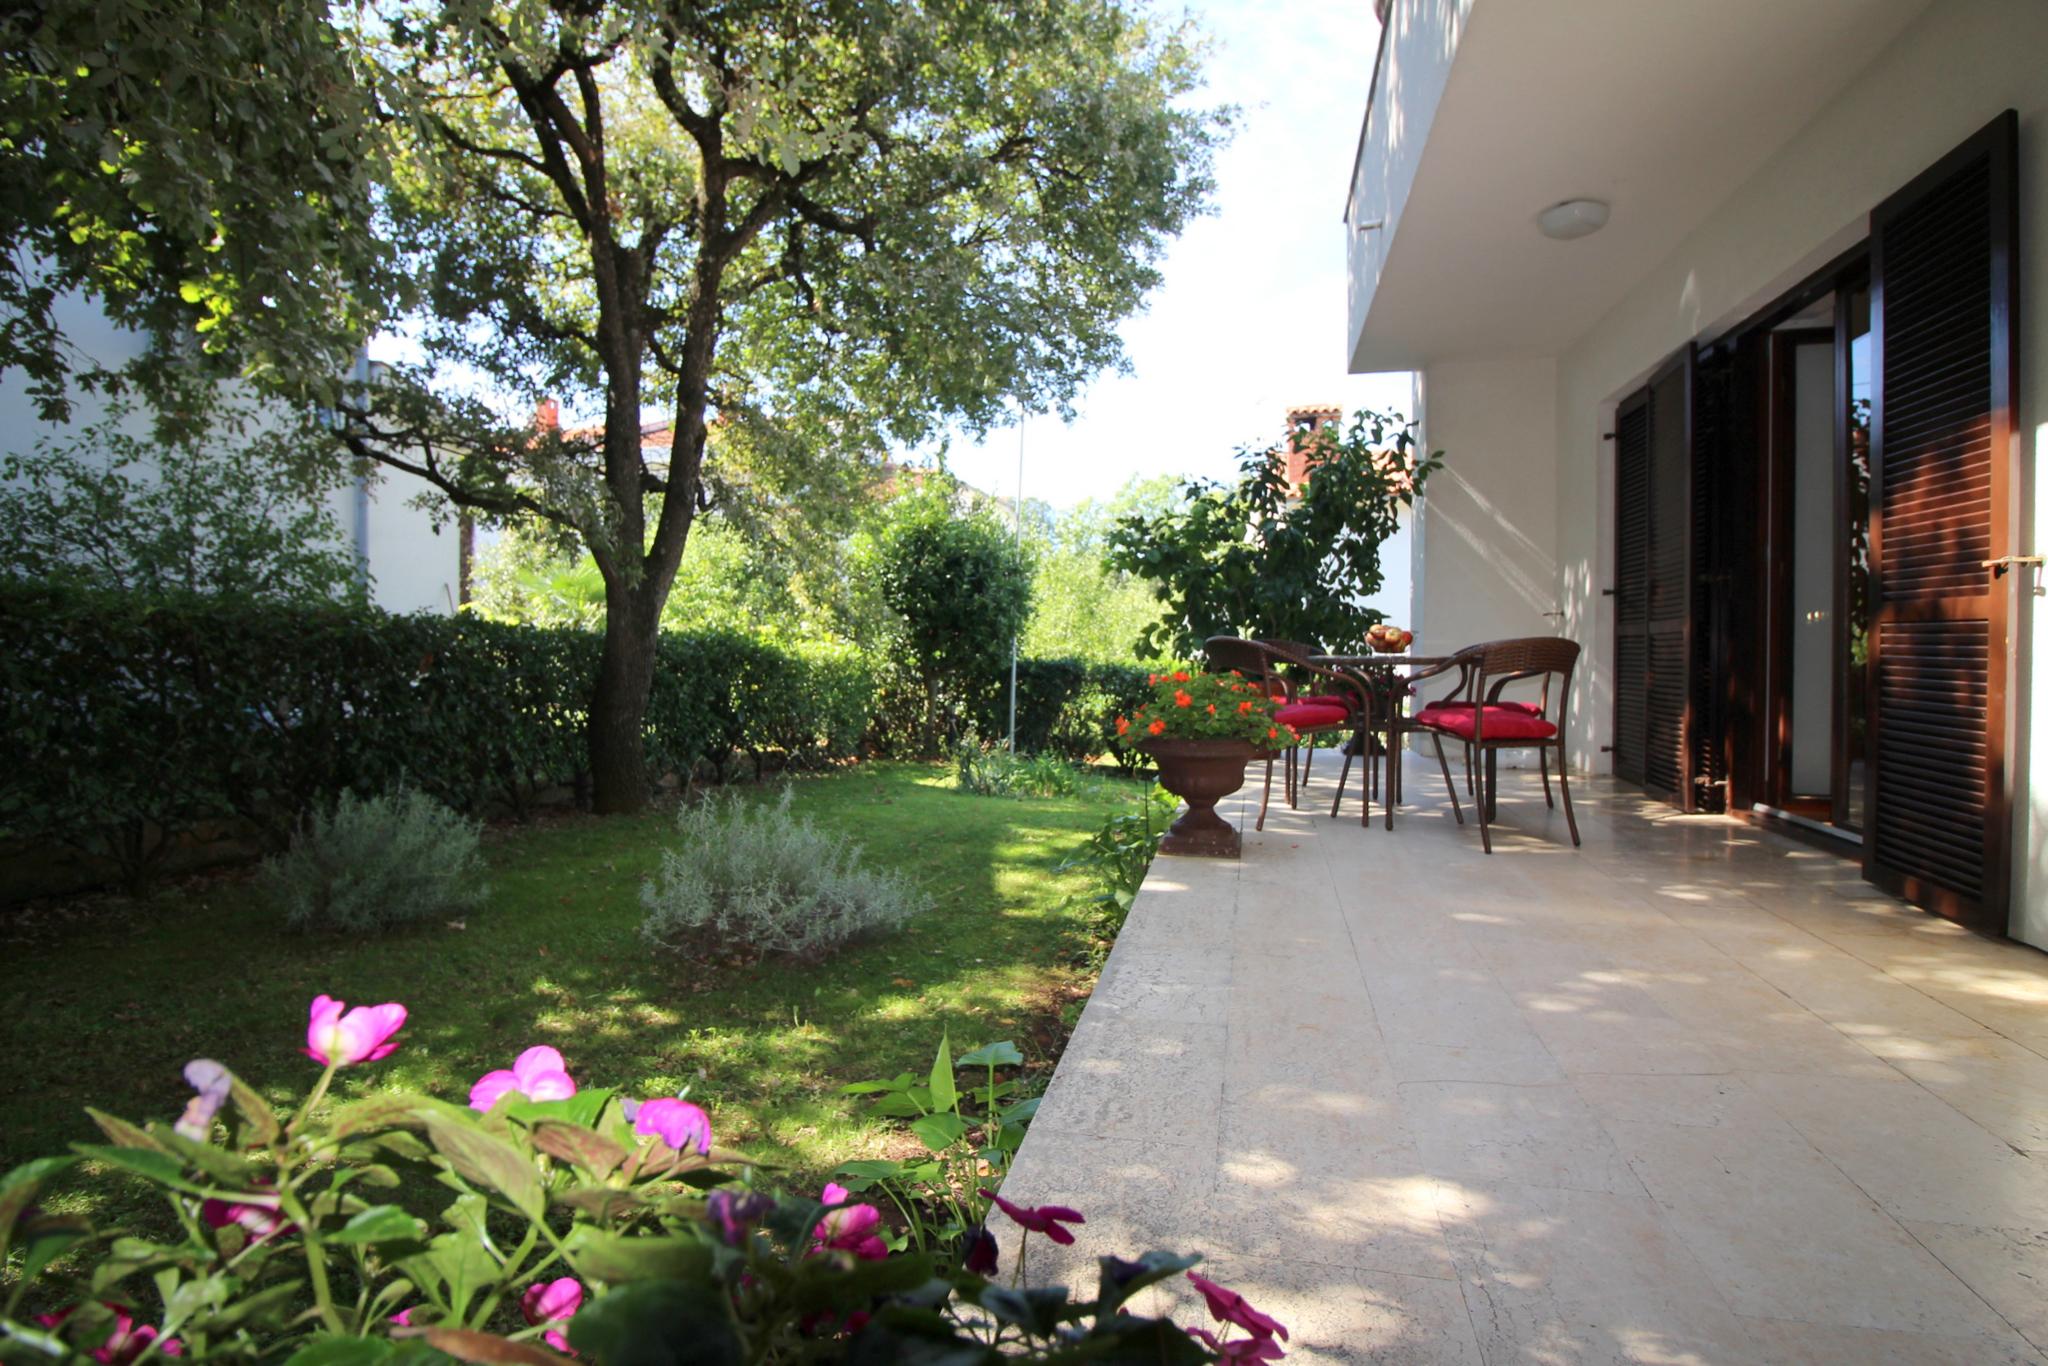 Ferienwohnung in ruhige Lage und 400 m zum Strand (280321), Porec, , Istrien, Kroatien, Bild 3